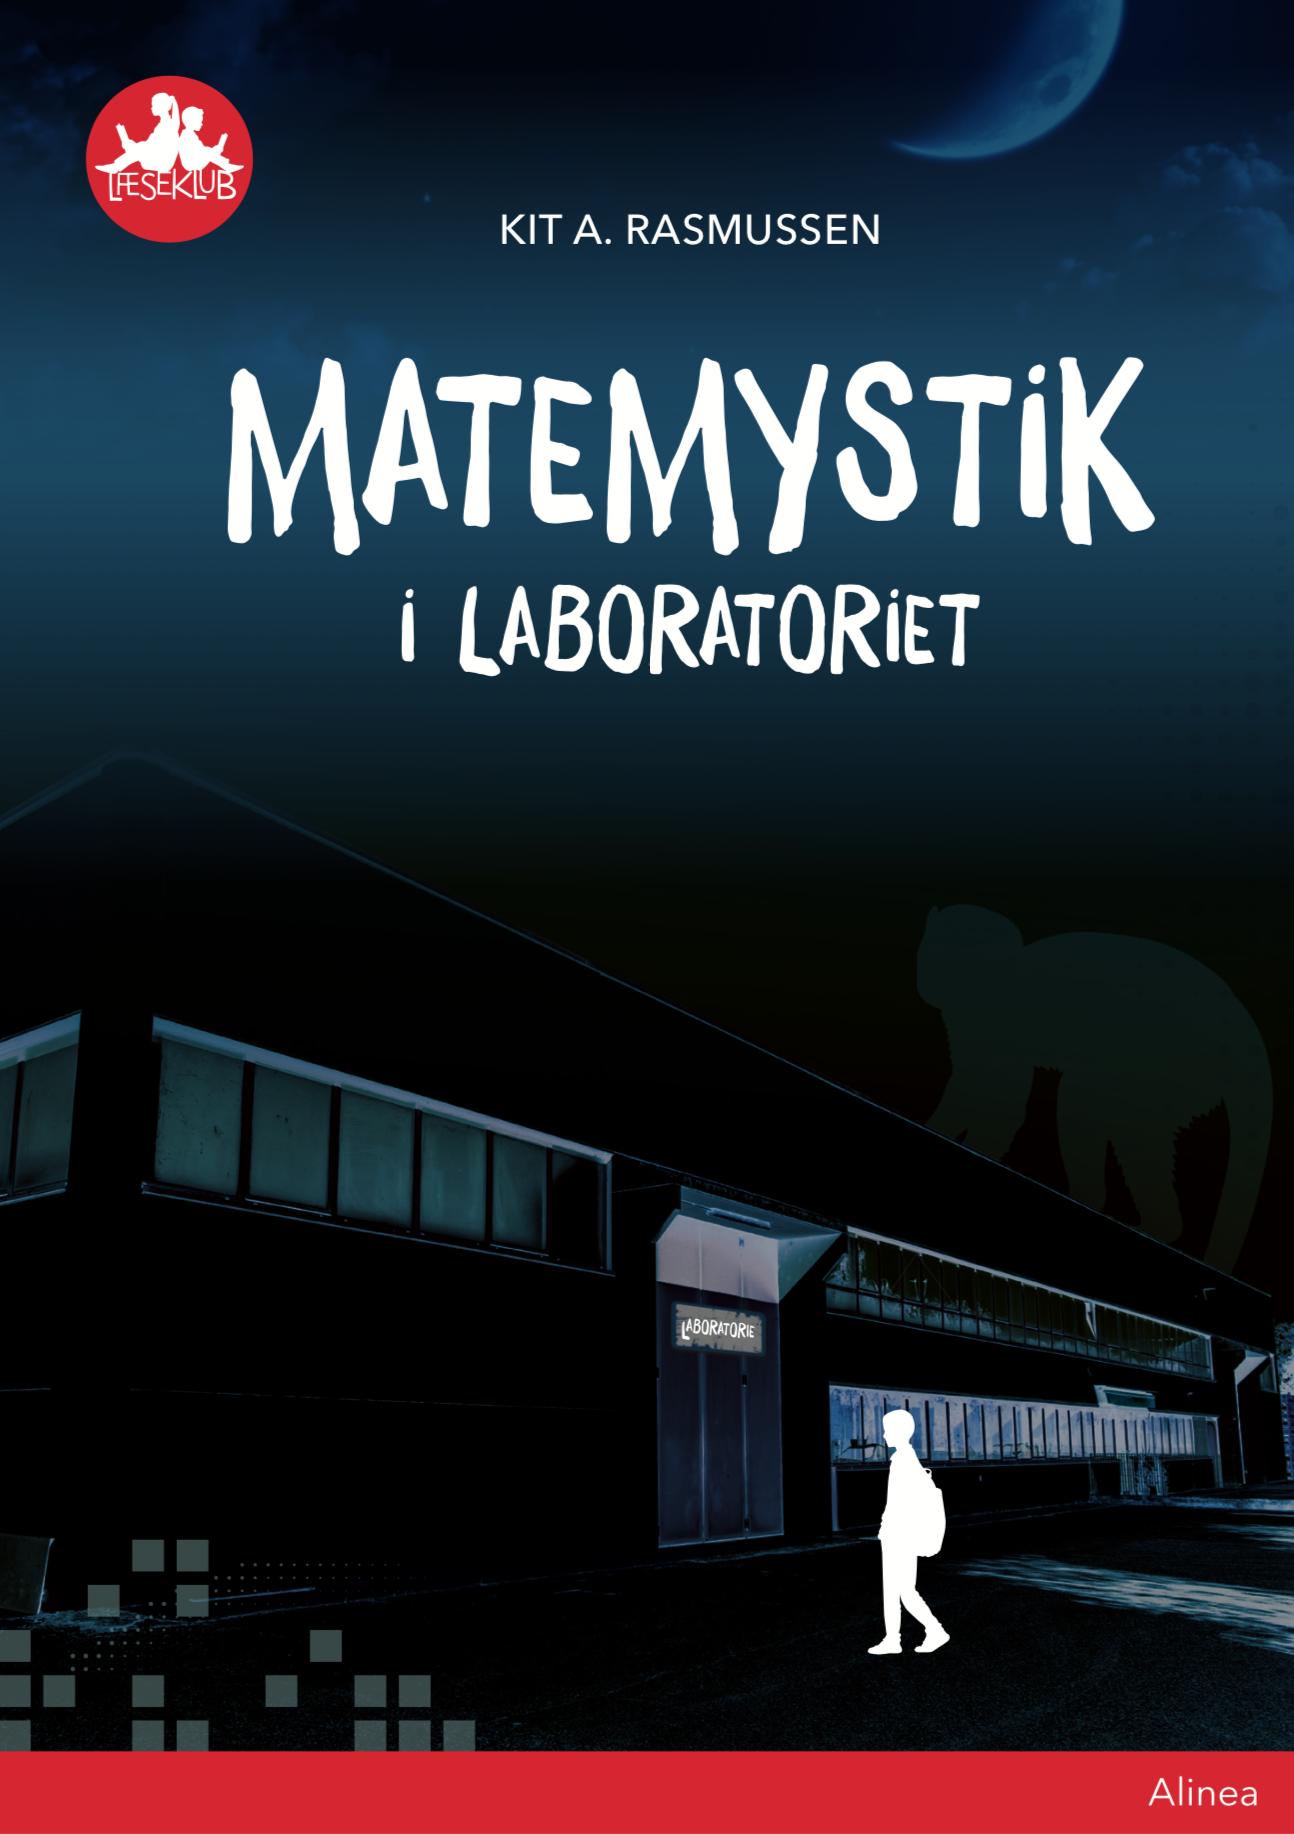 """Matemystik i laboratoriet  Udefra er huset mørkt og skummelt. På døren er der et stort skilt: LABORATORIE Jeg ser på det øde industriområde omkring mig. På månen, der kigger frem bag en sky. Og så ser jeg på telefonen igen. Det kan da ikke passe? Ukendt nummer: """"Hjælp! Kom til Industrivej 86. Skynd dig!""""  Matemystik i laboratoriet er fuld af matematiske gåder. Mens du leder efter stemmen bag Ukendt nummer, løser du gåderne for at finde en sikker vej ud af laboratoriet.  Bog skrevet af Kit A. Rasmussen"""